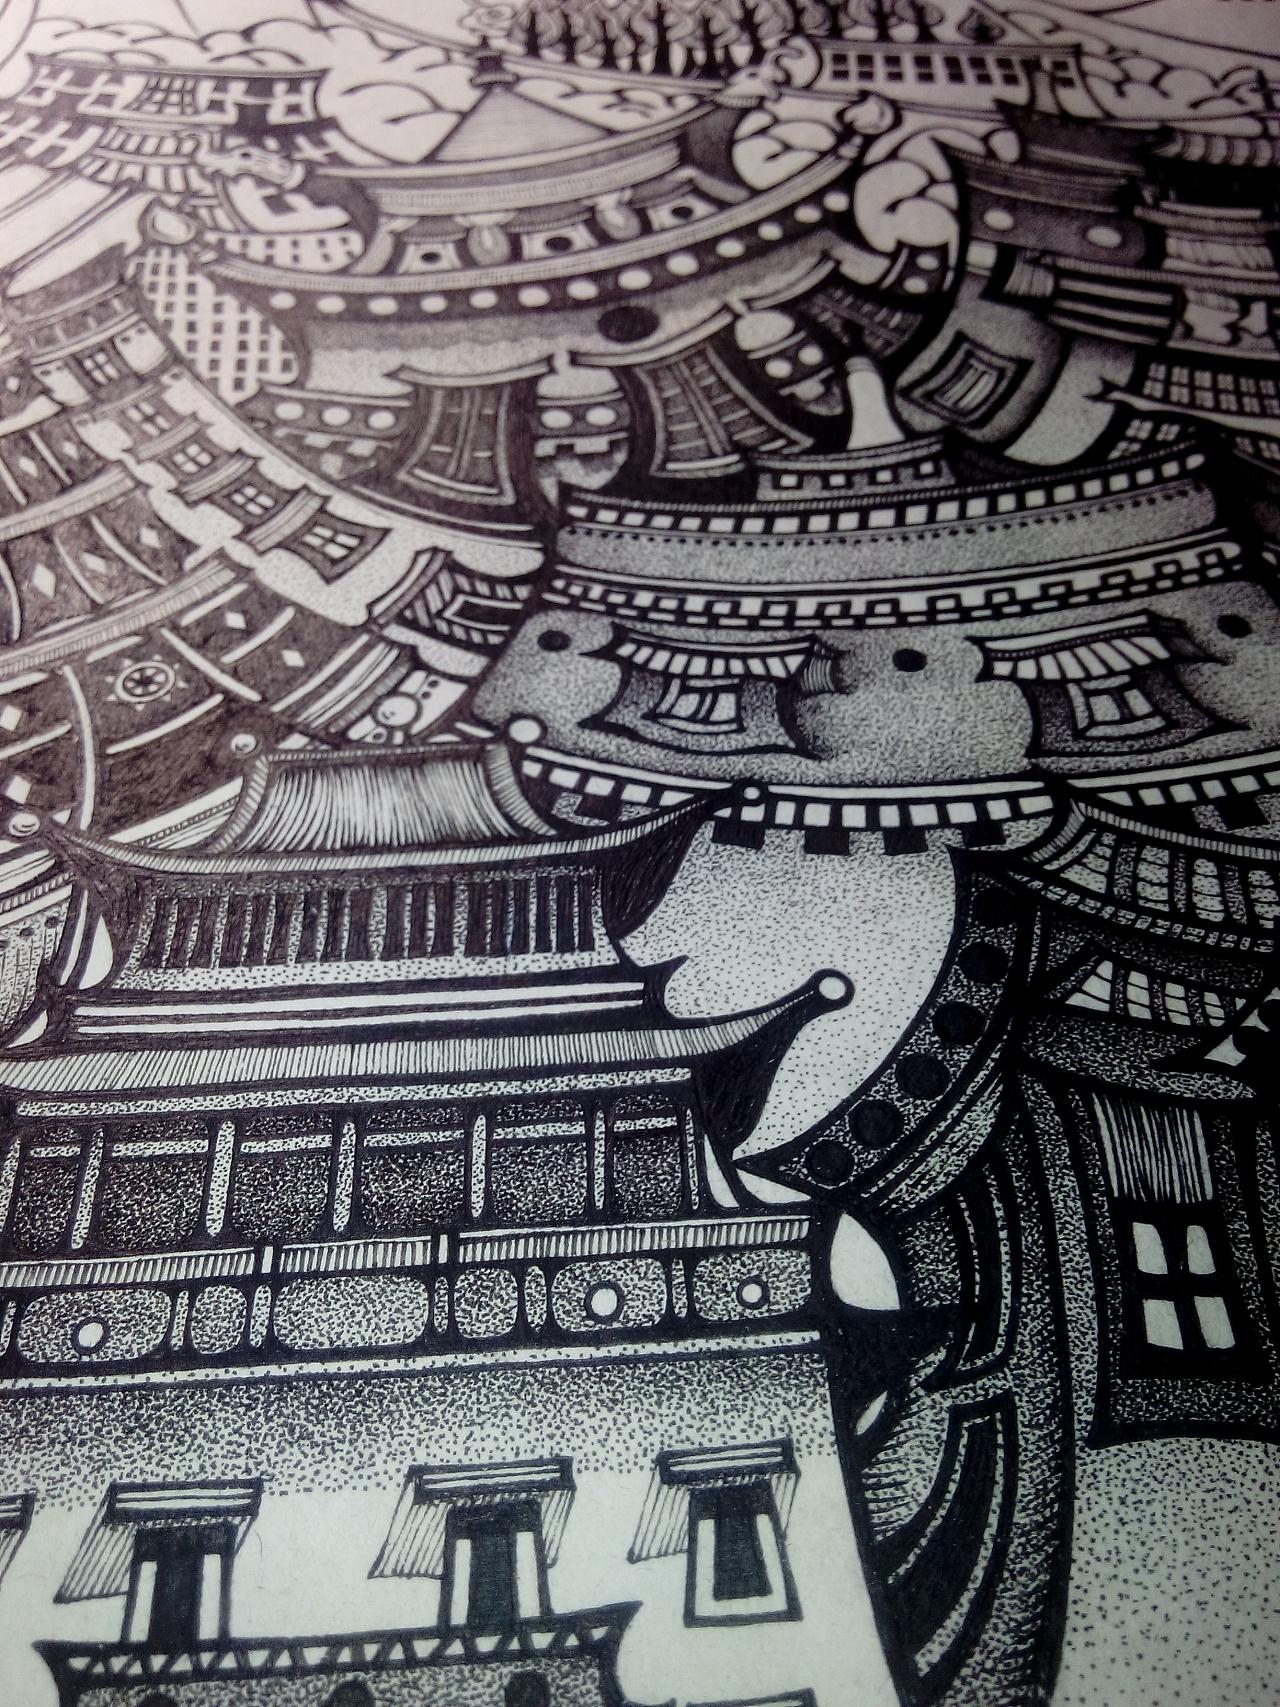 二时候画的几张钢笔画,感觉确实有了一点点进步,不论是布局还是精